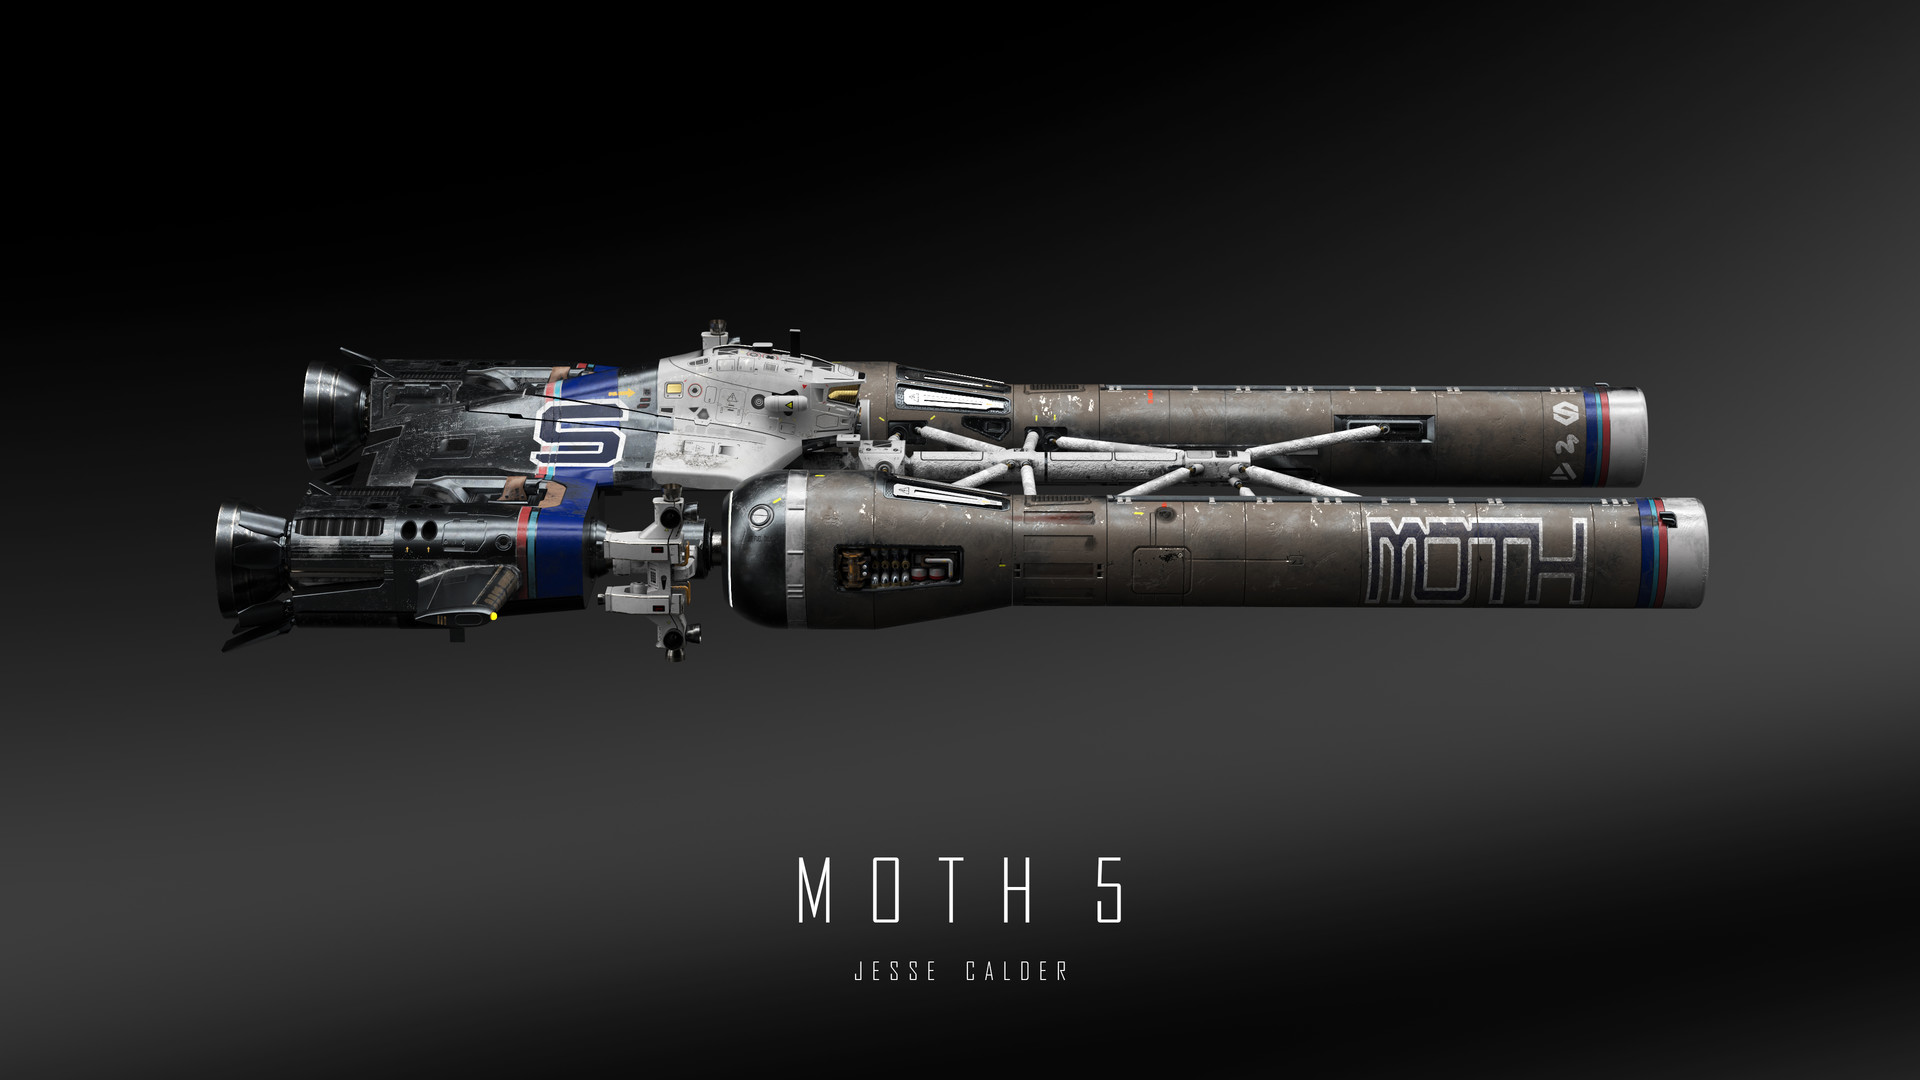 Jesse calder moth render 051 titled